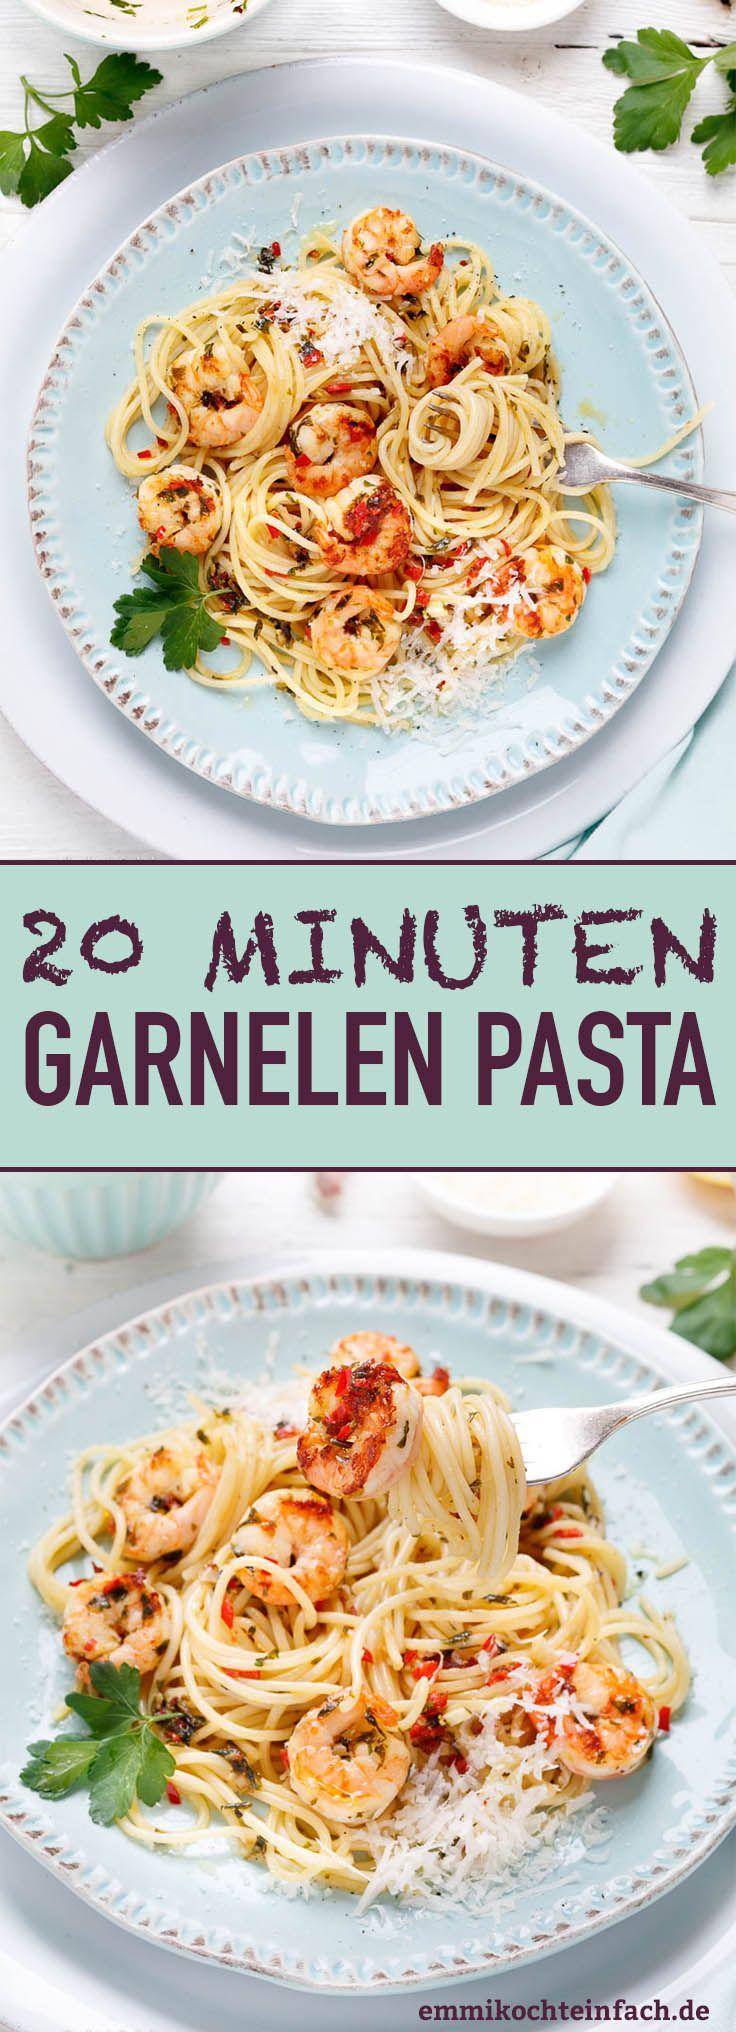 Quick shrimp pasta – in 20 minutes on the table   – emmikochteinfach – Der Food-Blog mit einfachen Rezepten, die gelingen